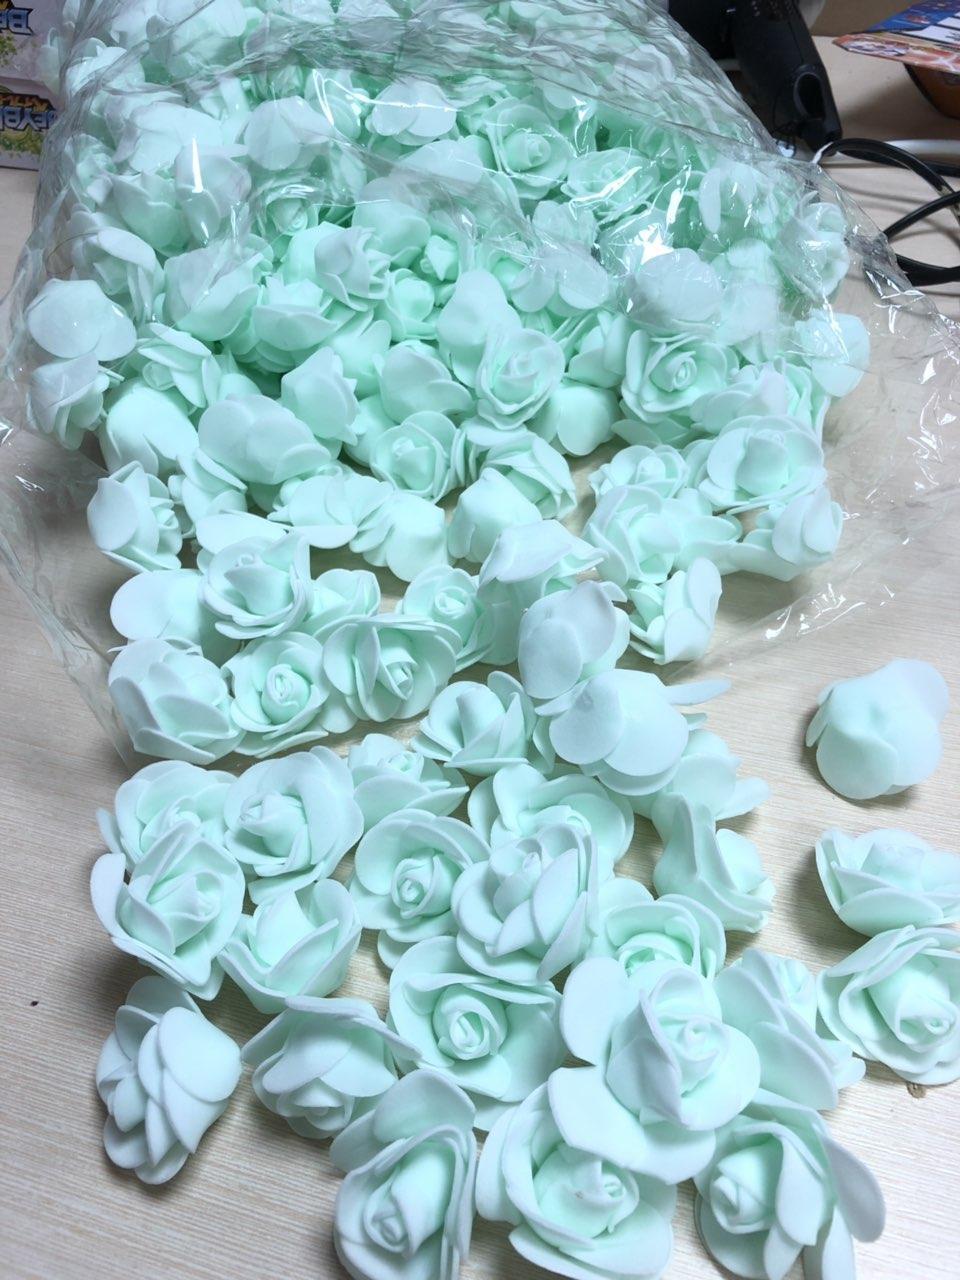 Розы из латекса, бирюзовый (ФОМ, FOAM) 500 шт пачка (для мишек)